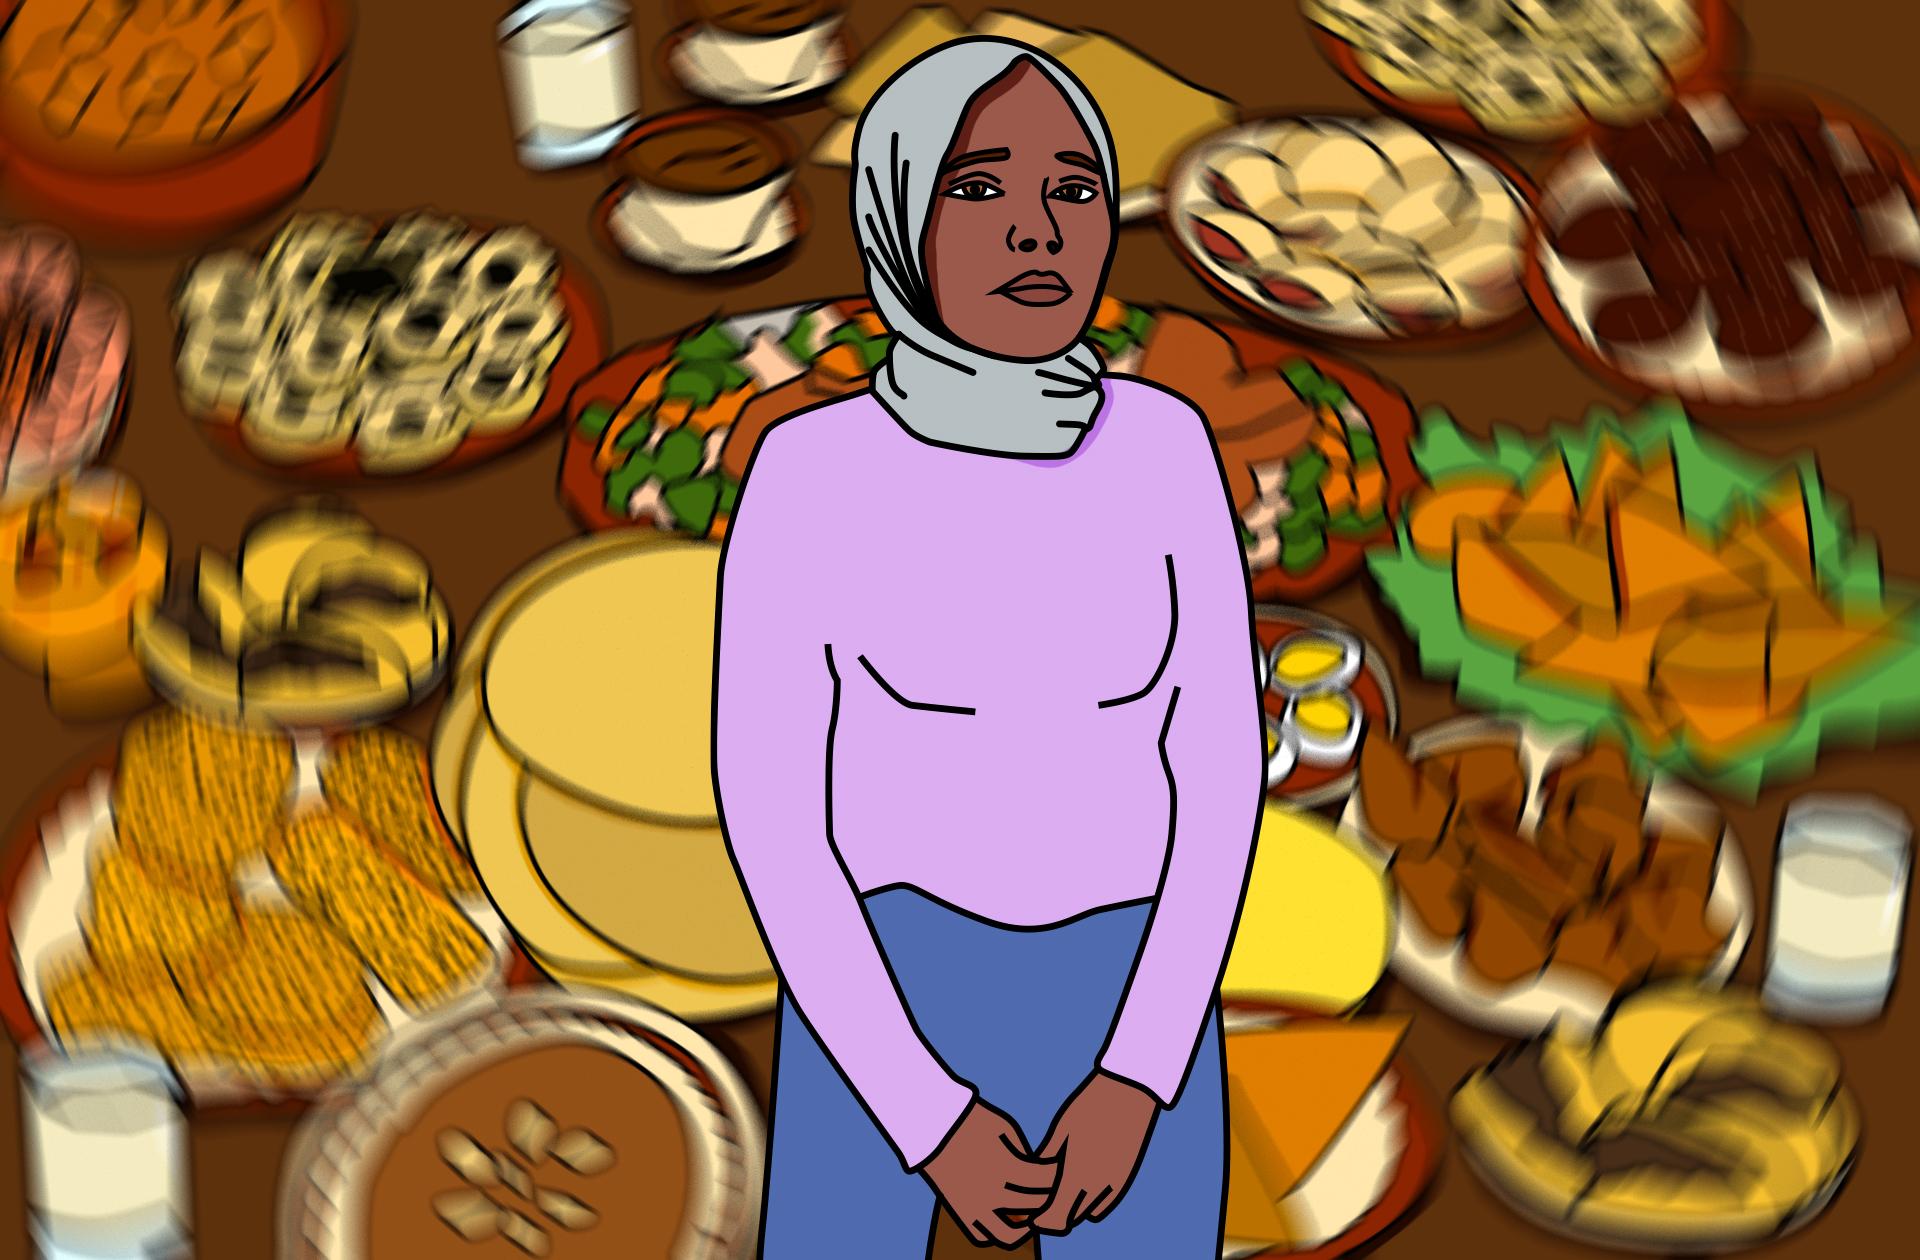 Le radaman avec des troubles du comportement alimentaire:«j'étais obsédée par la nourriture»